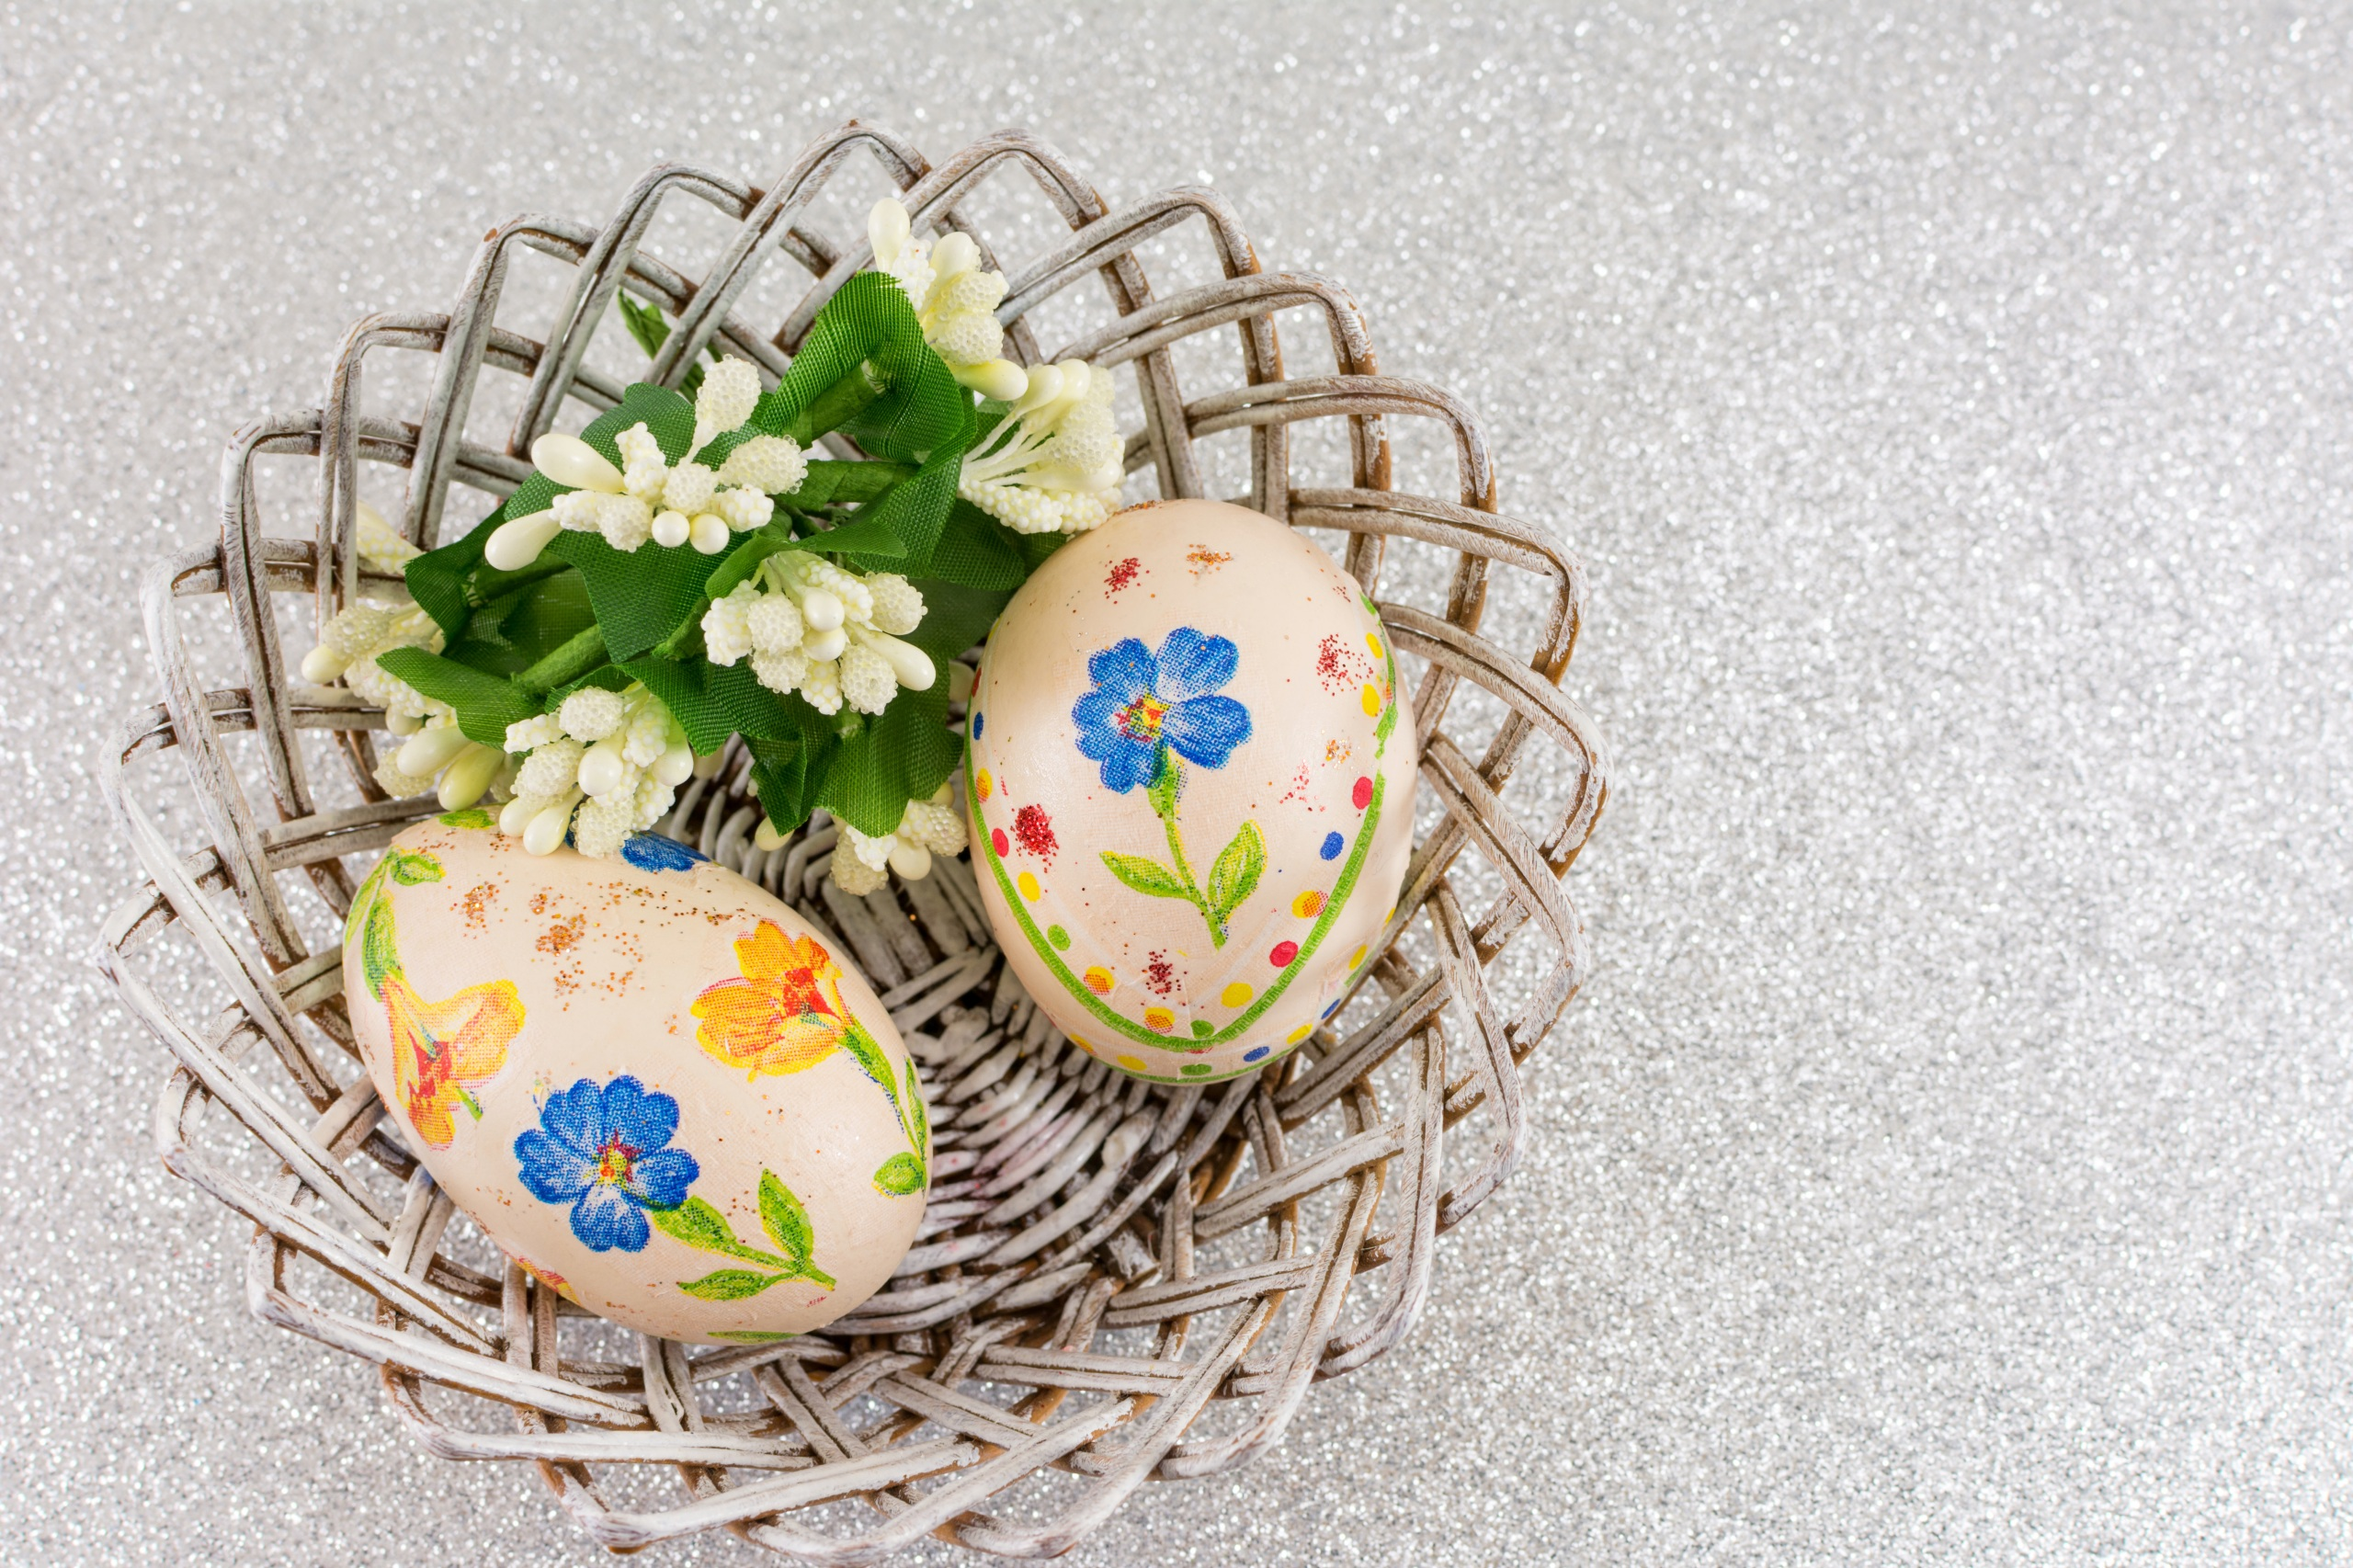 Фотографии Пасха яиц Двое Дизайн 2560x1706 яйцо Яйца яйцами 2 вдвоем дизайна